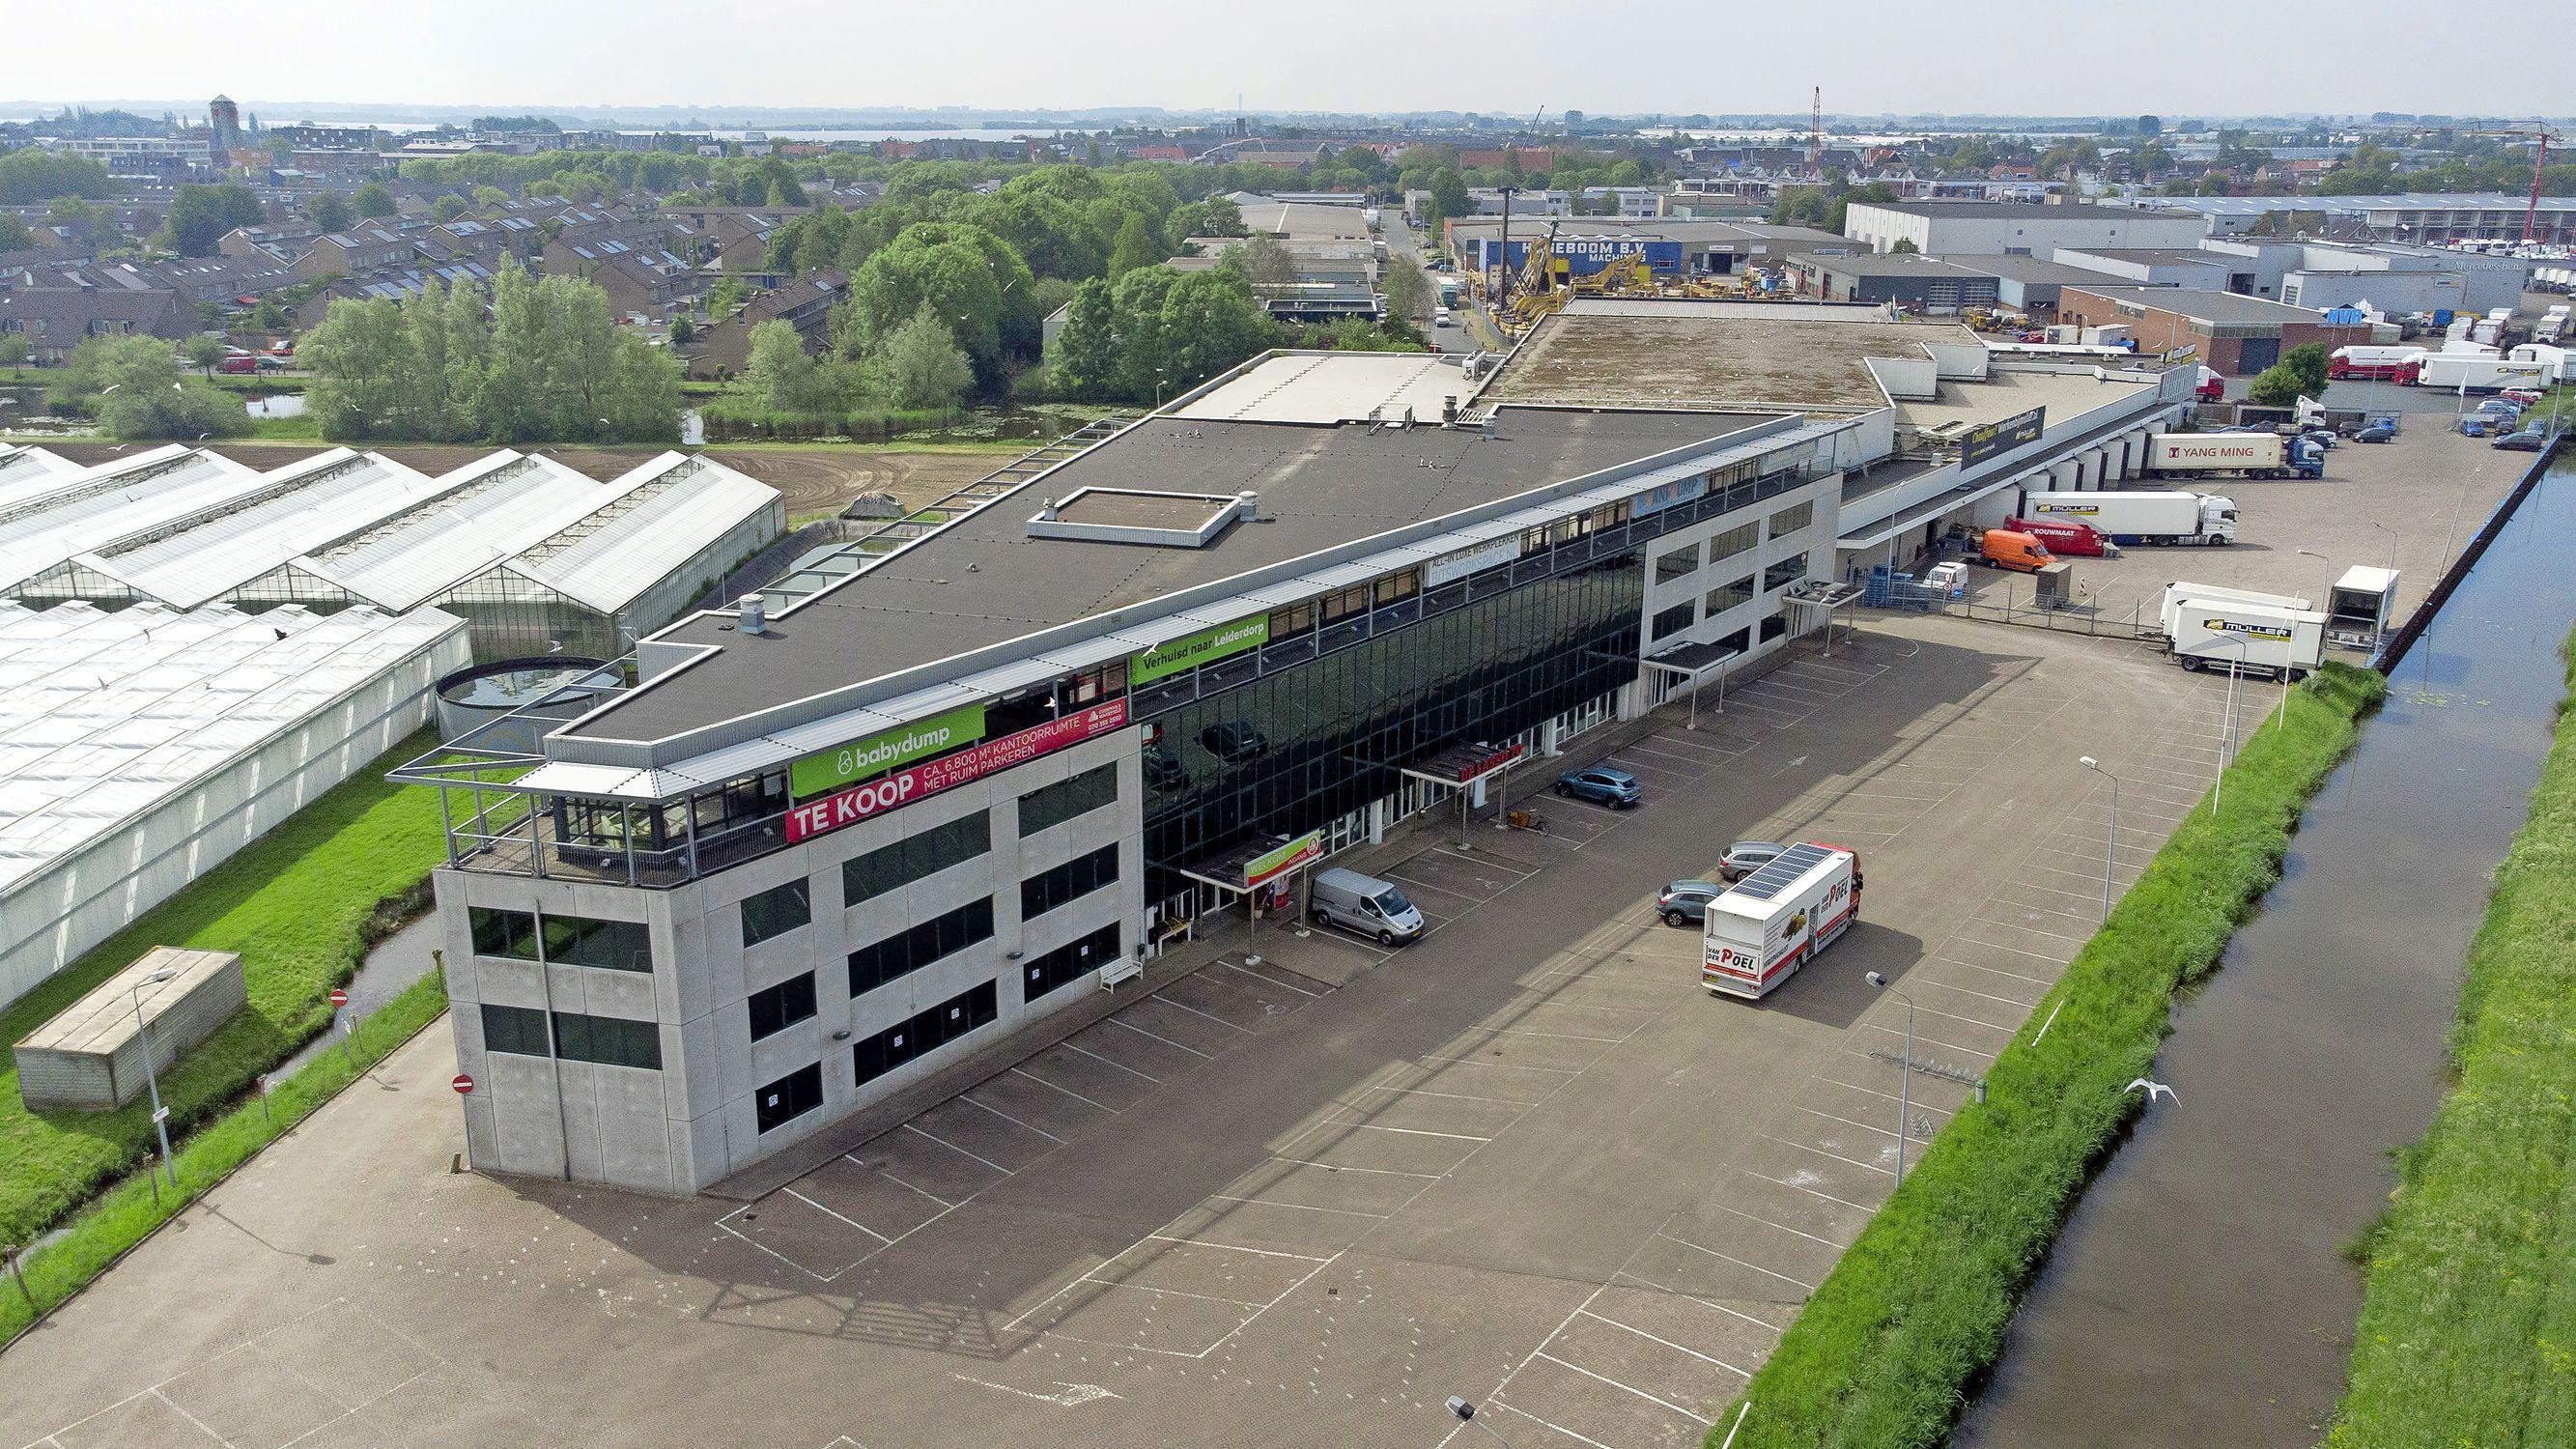 Wordt voormalige Baby Dump langs de A4 de grootste opvang voor arbeidsmigranten in Kaag en Braassem?